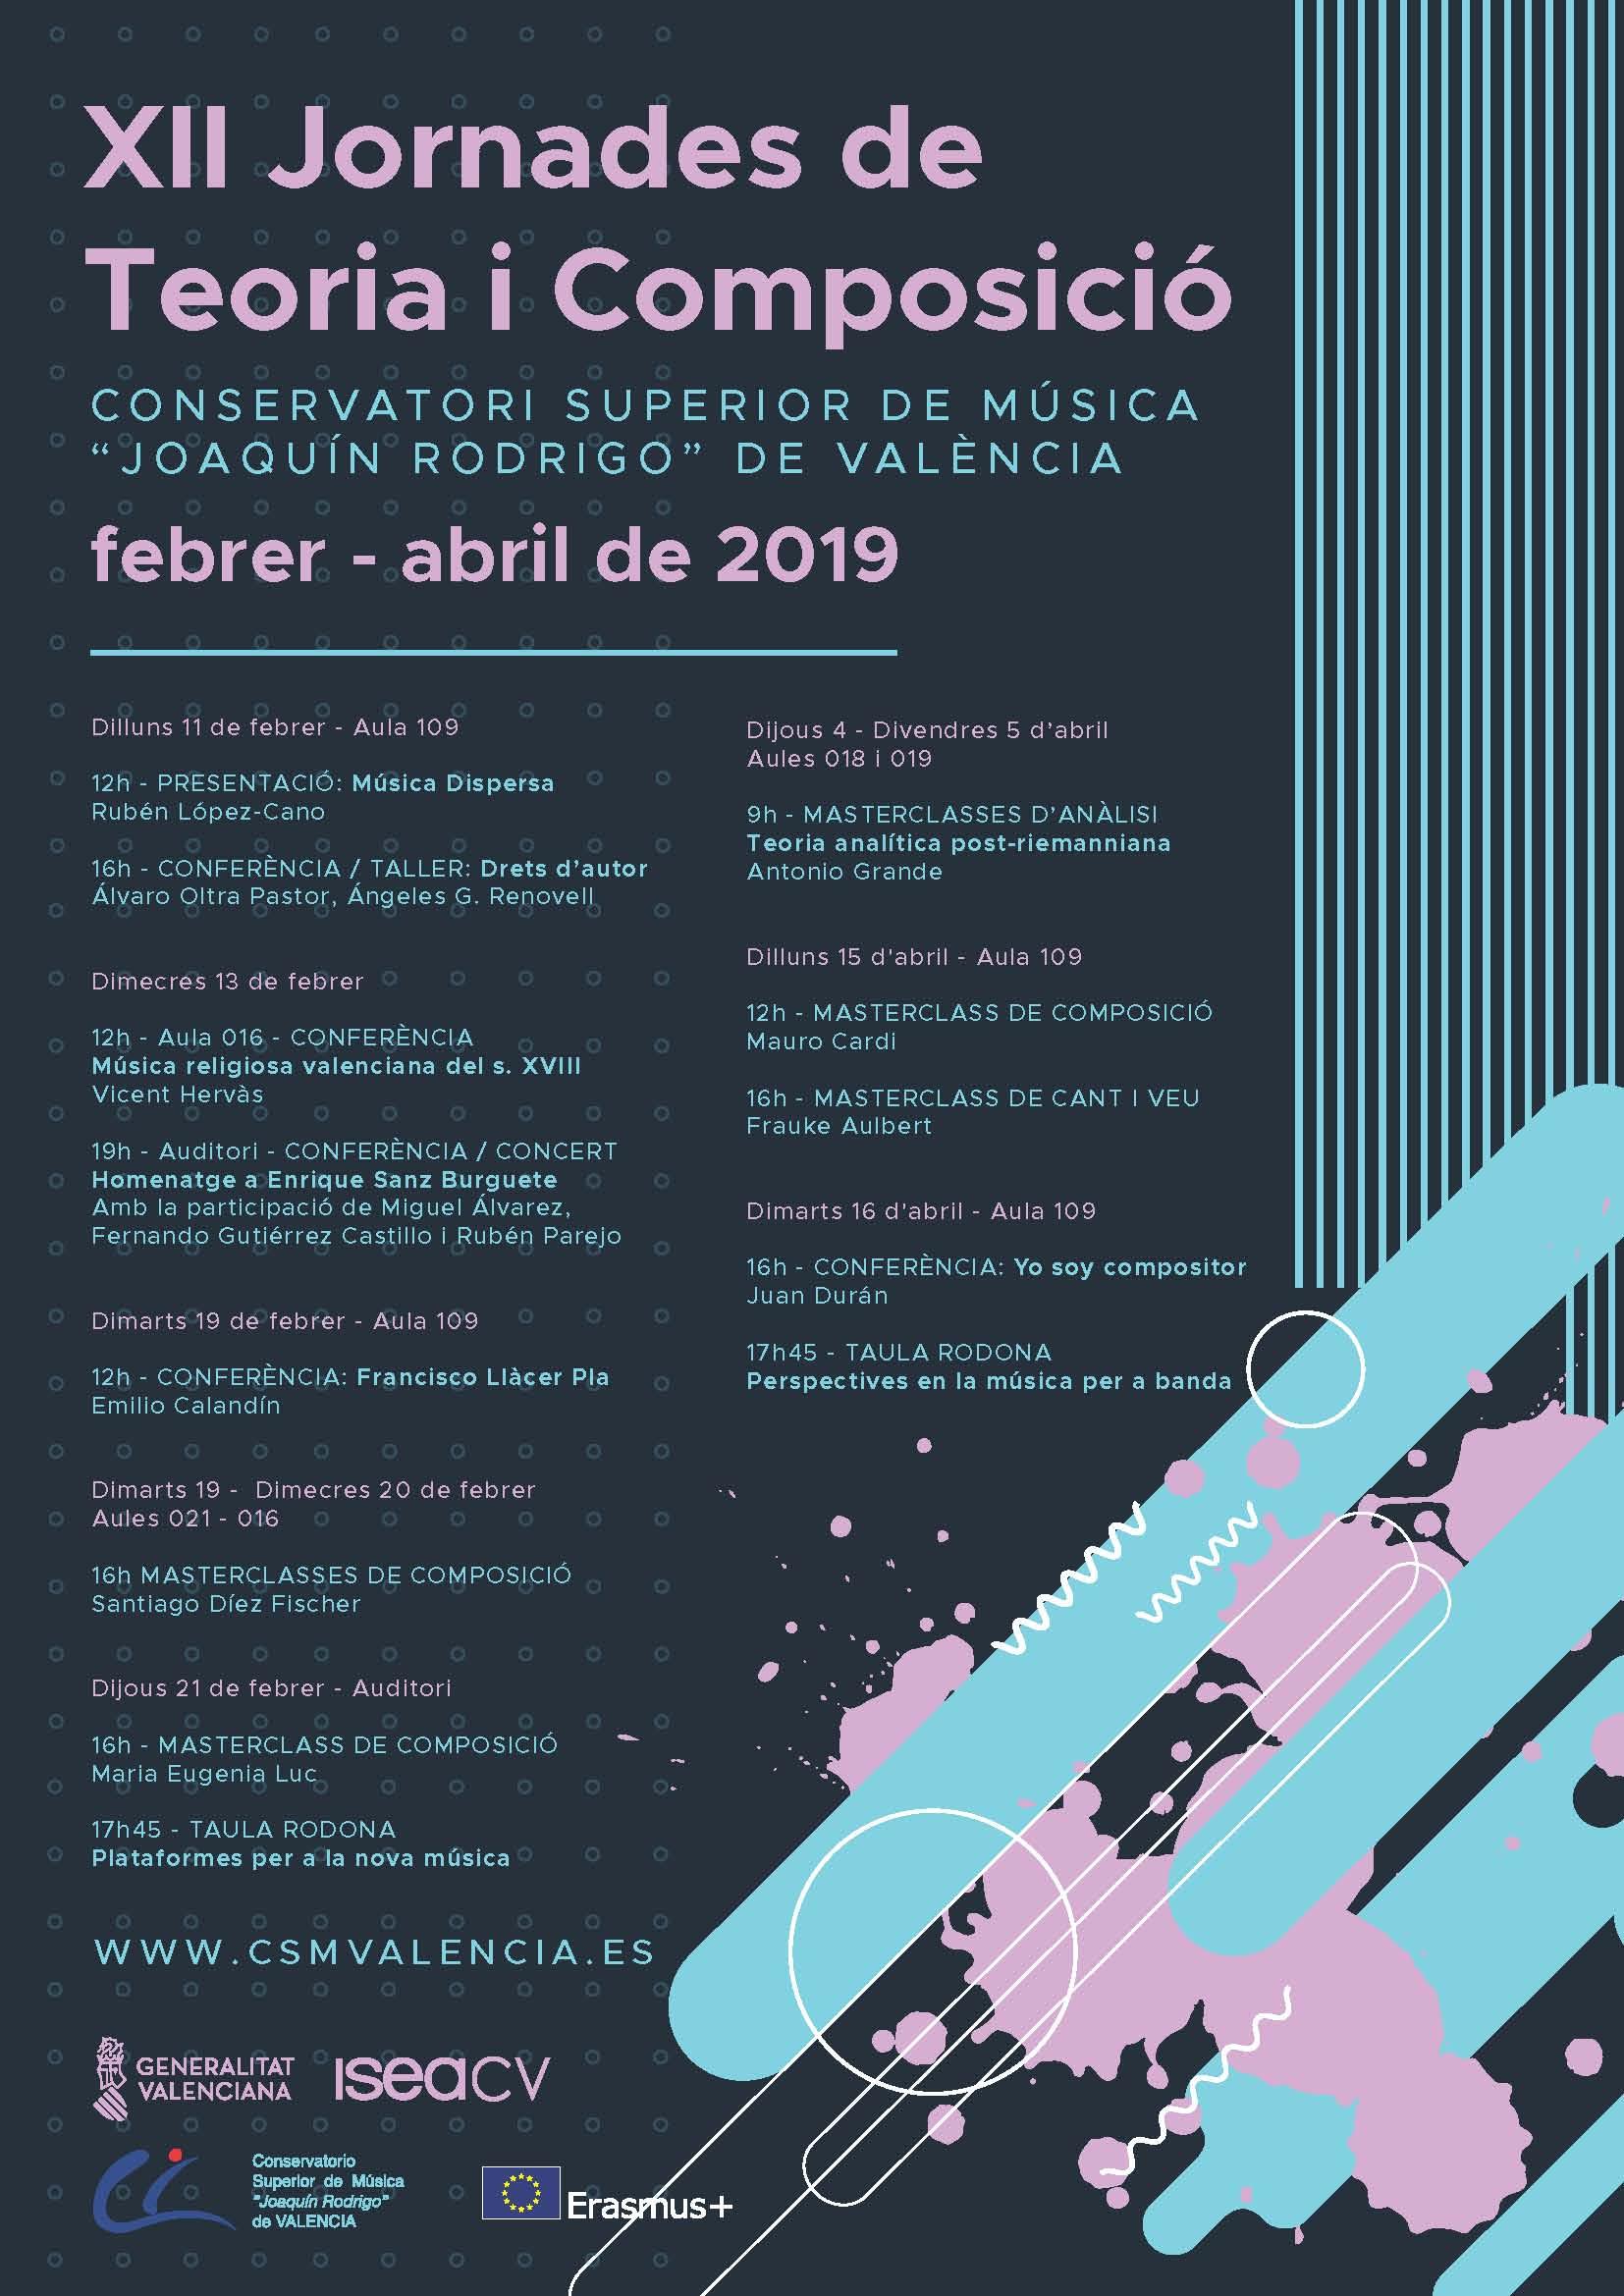 Conferencia de J. Durán no Conservatorio Superior de Música de Valencia